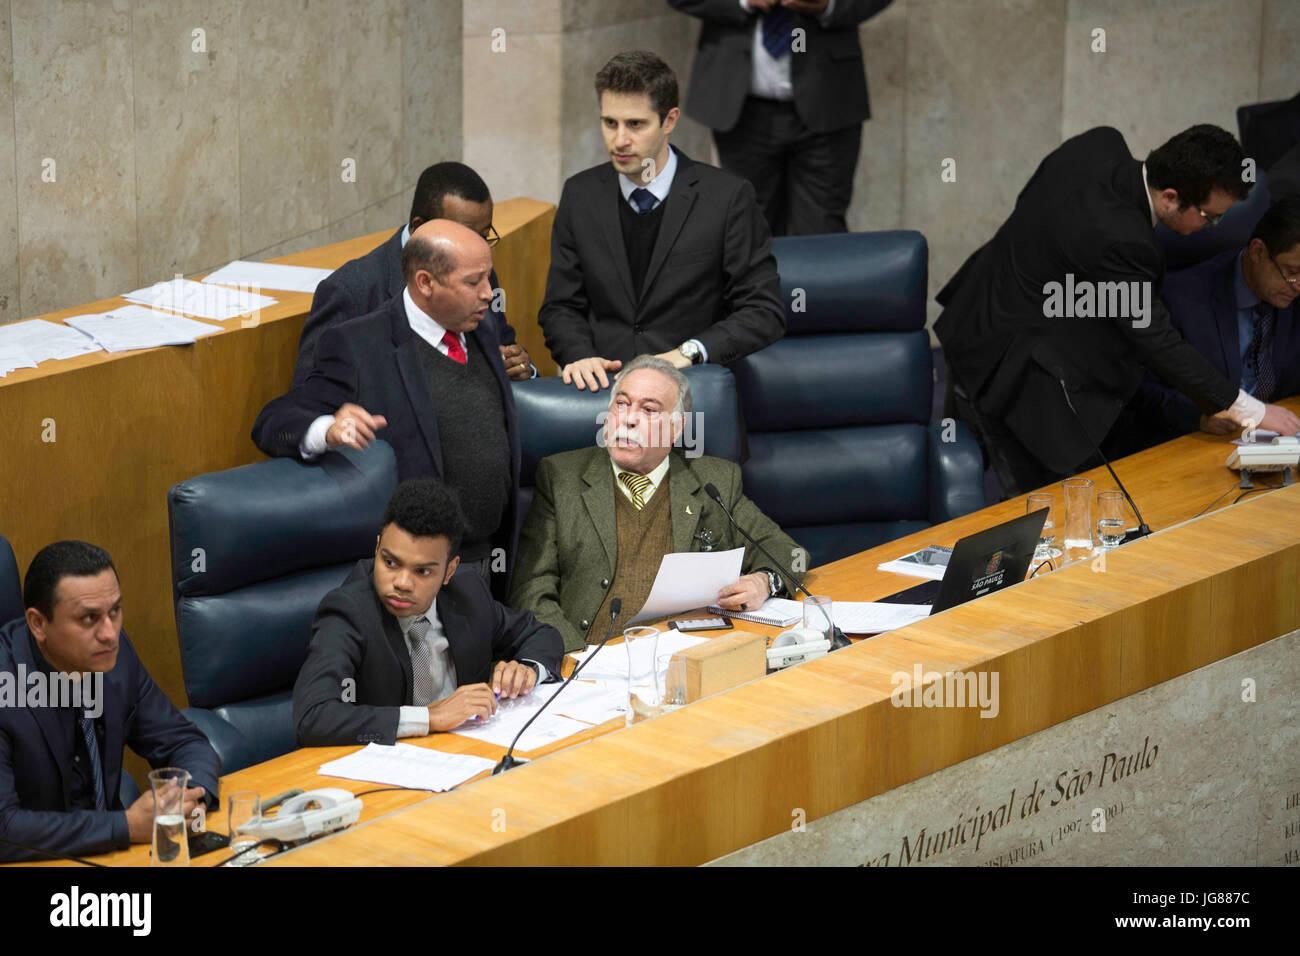 SÃO PAULO, SP - 03.07.2017: VEREADORES DISCUTEM VOTAÇÃO DA PL 367 - Councilors are discussing, on - Stock Image